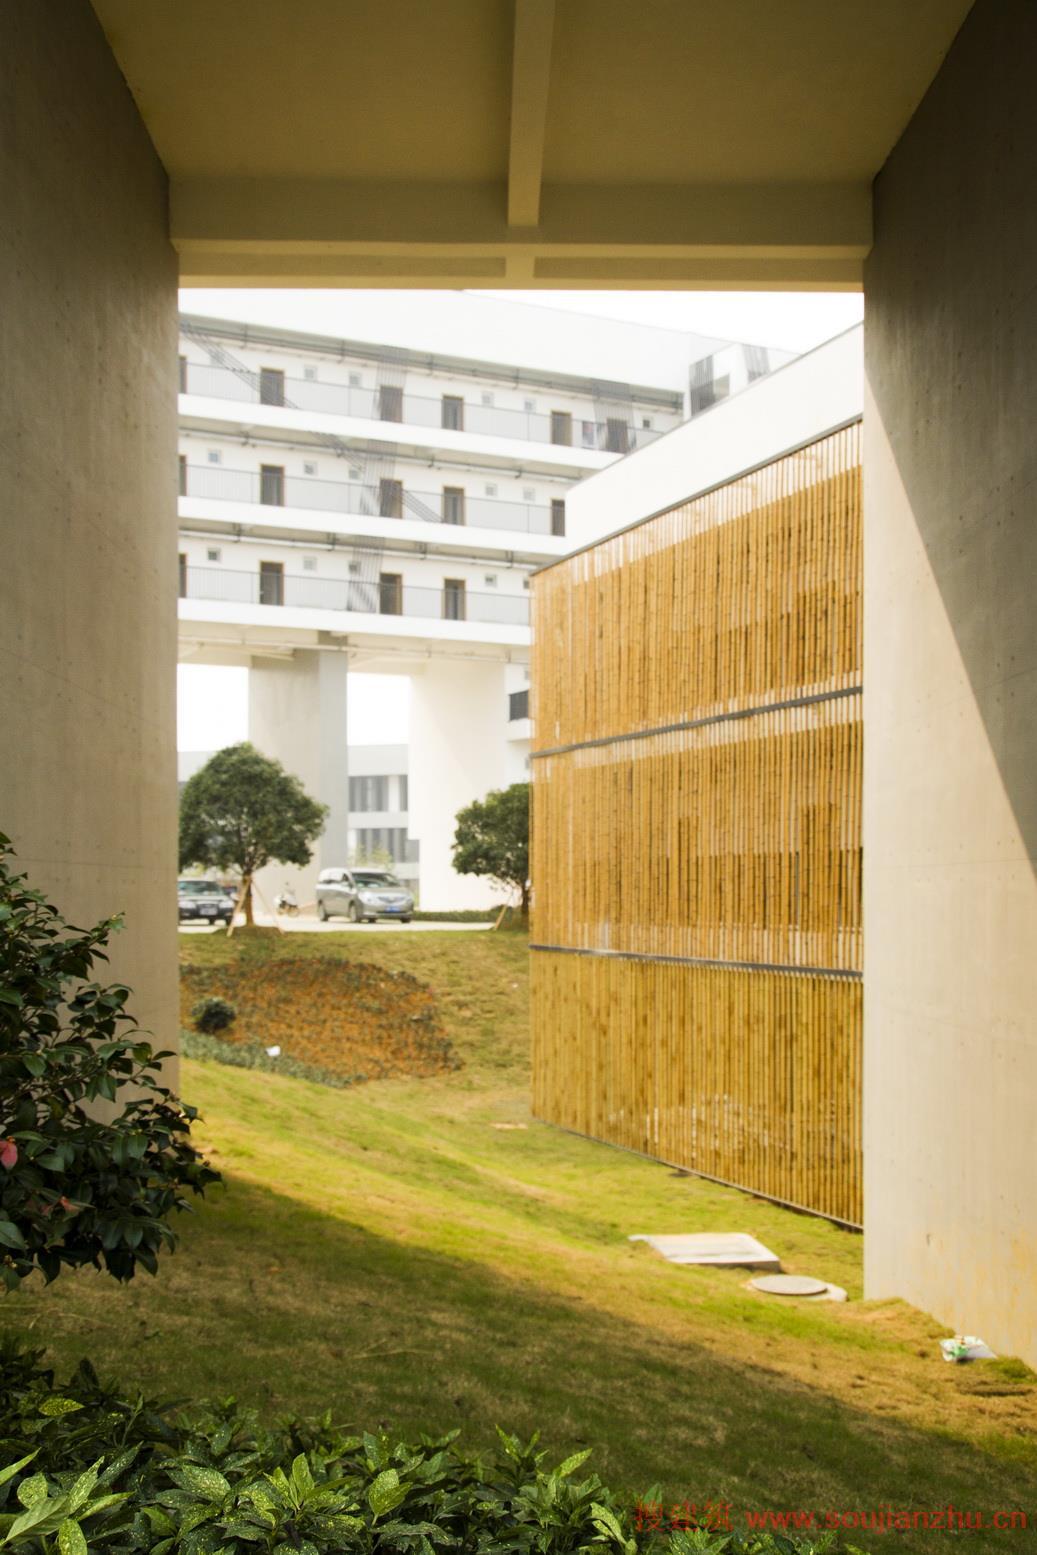 这也许是浙江或者国内大学校园里最具人性化的学生宿舍之一,因为设计师巧妙地利用基地空间,把所有全部房间安排朝南向或偏南向布置,在有限的基地之中给所有学生提供了全年都能够见到阳光的住宿空间,对于江南潮湿气候下的大学生活居住条件有了大大的改善。   总体构思:生长的建筑 设计因地制宜地采用有机生态的山地规划体系,建筑依山顺势而建,曲折婉转如自然的树木枝桠,极大限度的增加了建筑采光面,同时单体局部利用山地架空,建筑与地貌自然融合,组团空间层次更加丰富与立体。        天际线: 山形 为了从视觉上削弱这组